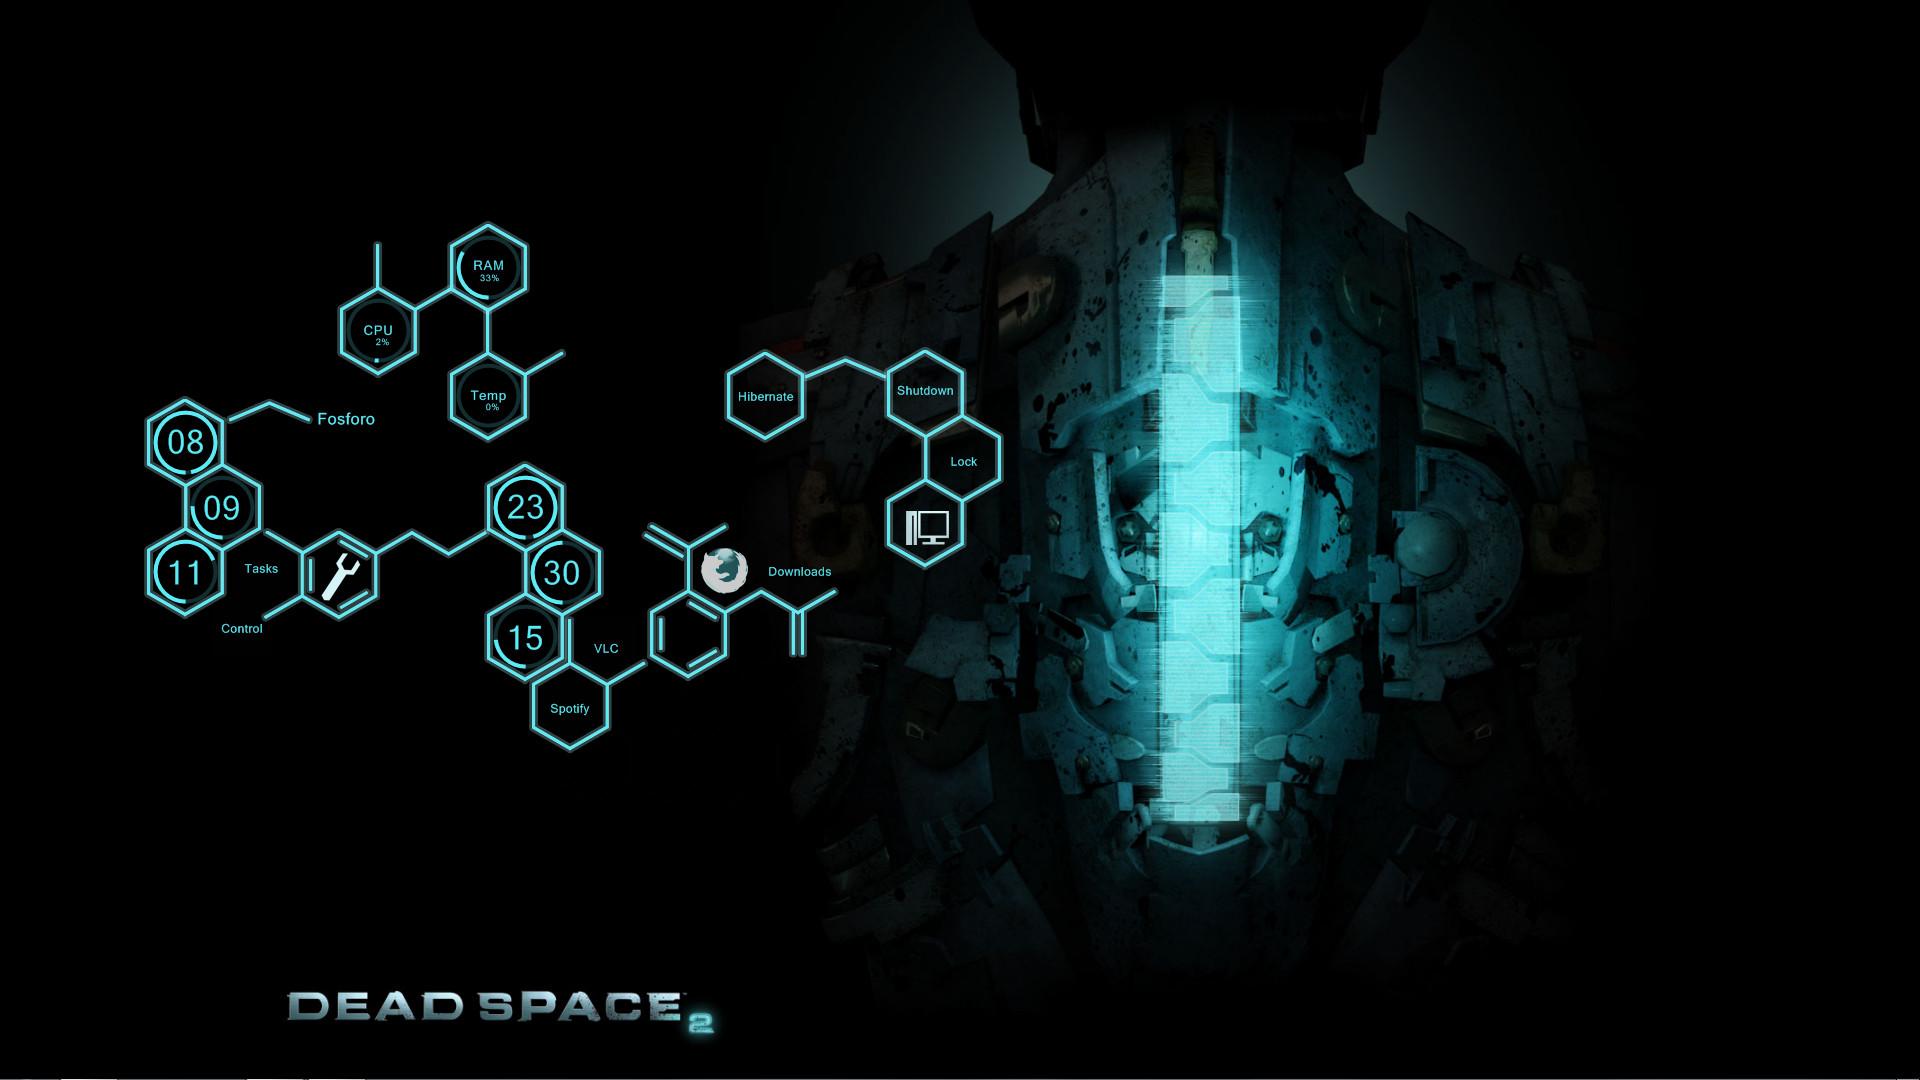 Dead Space Wallpaper HD